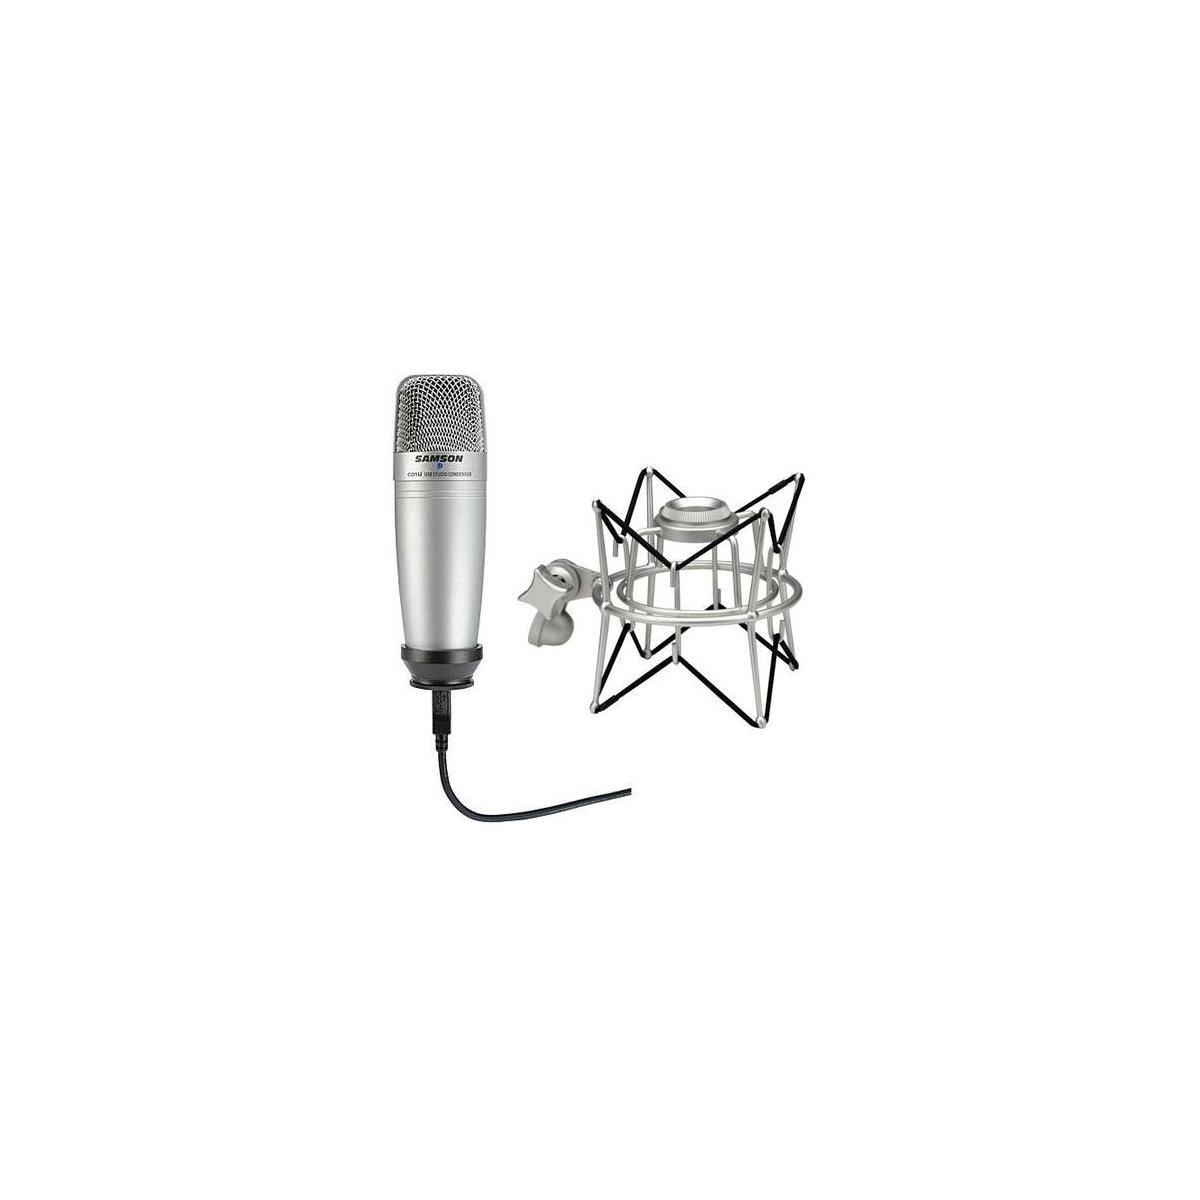 Samson C01UCW USB Condenser Microphone + Samson SASP01 Shock Mount $50 after $5 rebate + free shipping